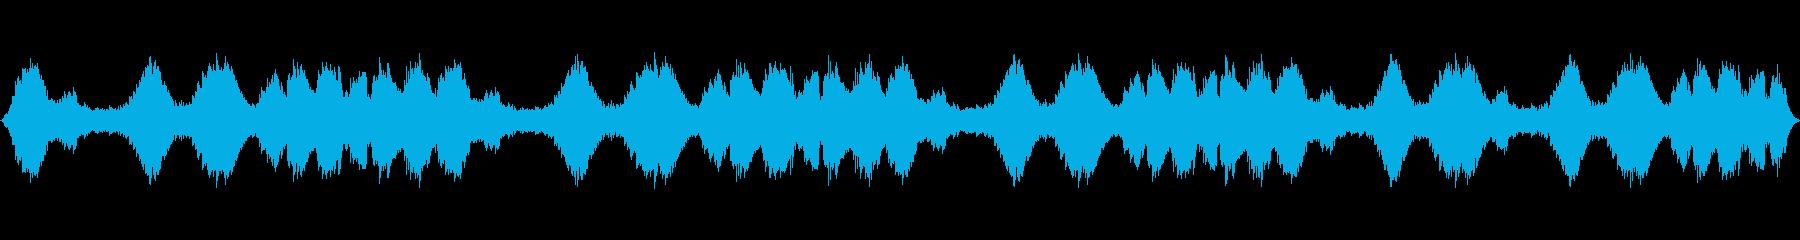 ハリウッド風ループの再生済みの波形